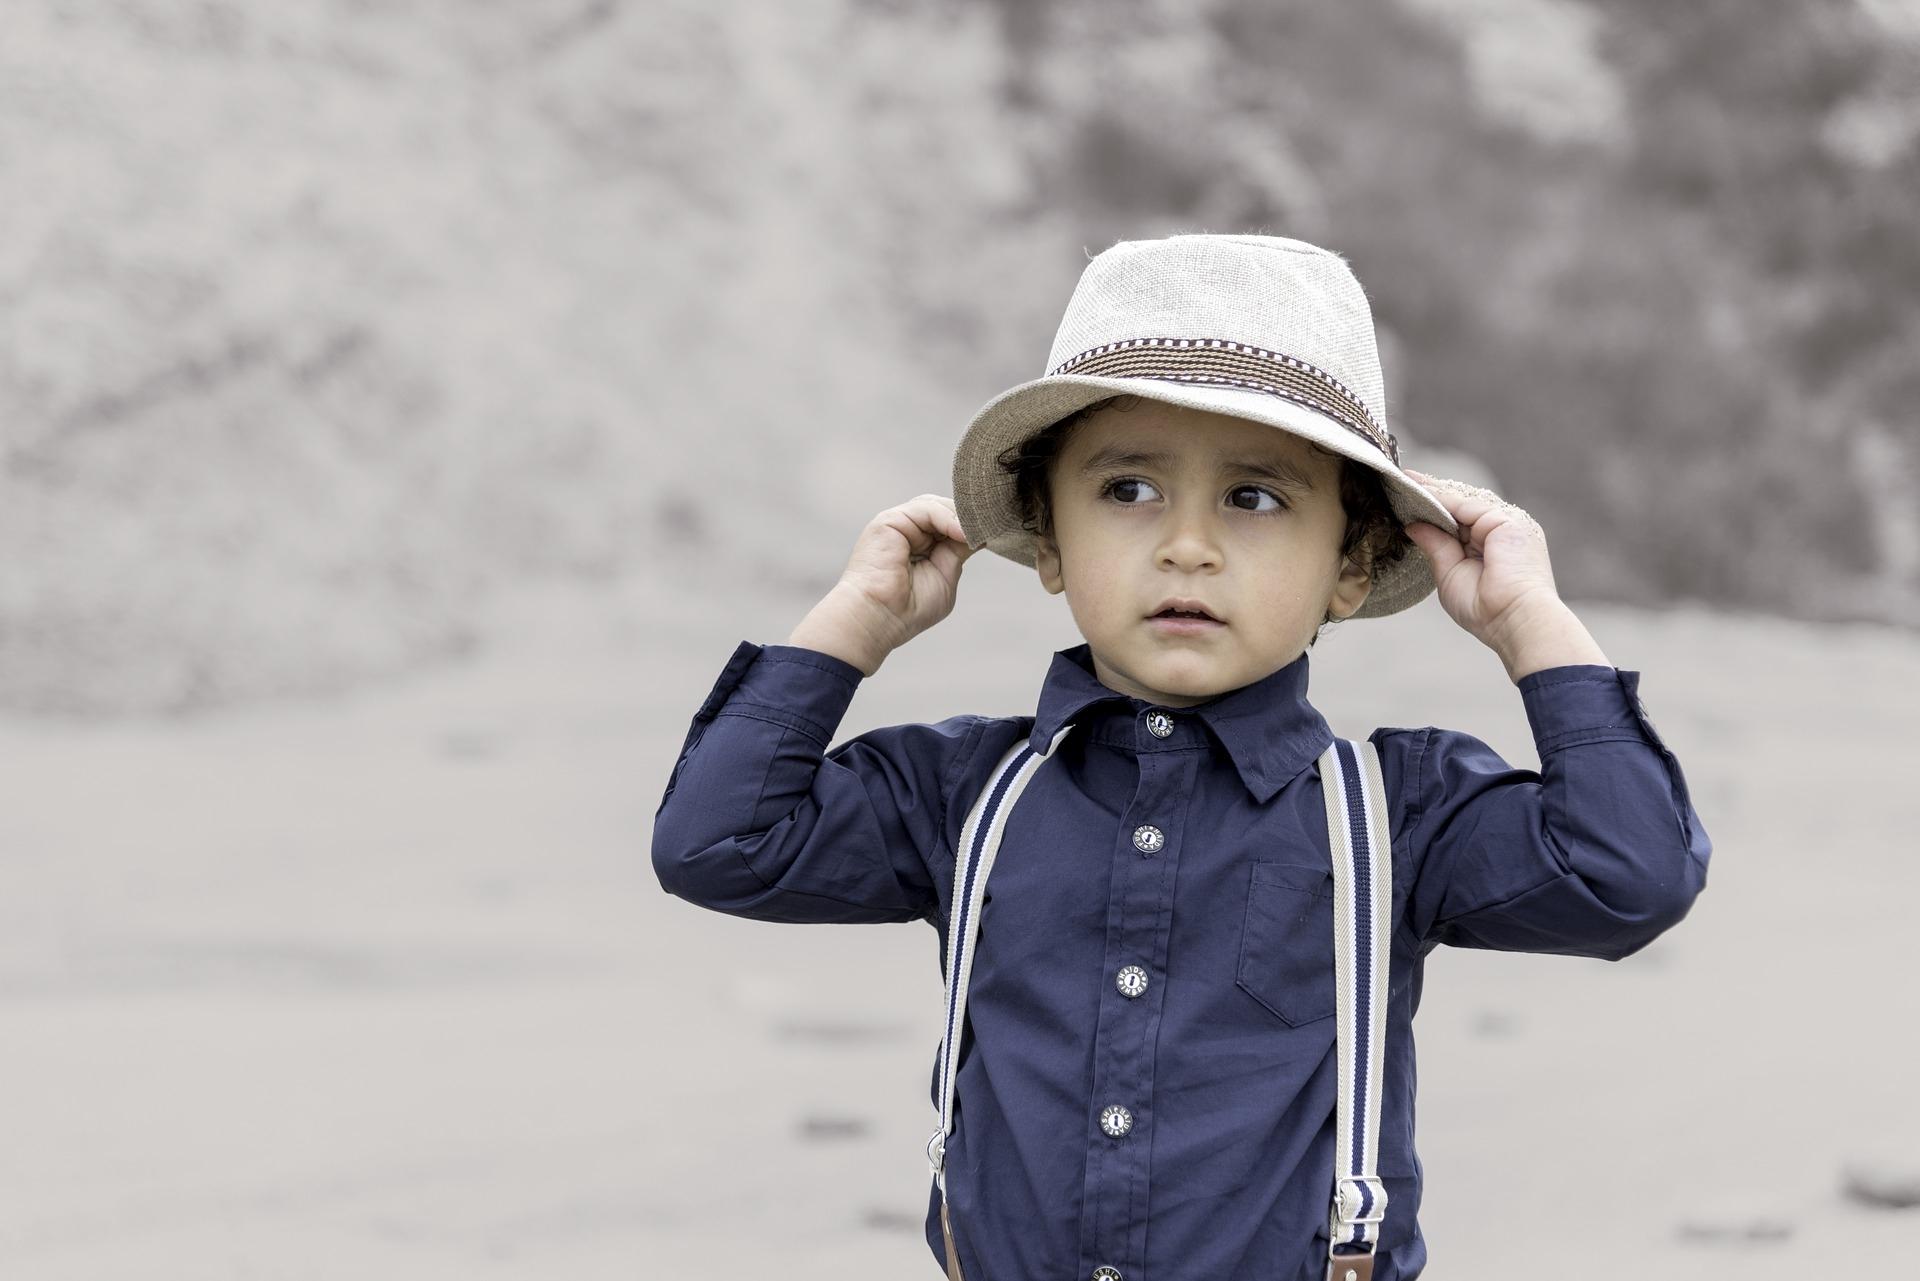 كيف أبدأ مشروع محل ملابس أطفال بأقل التكاليف